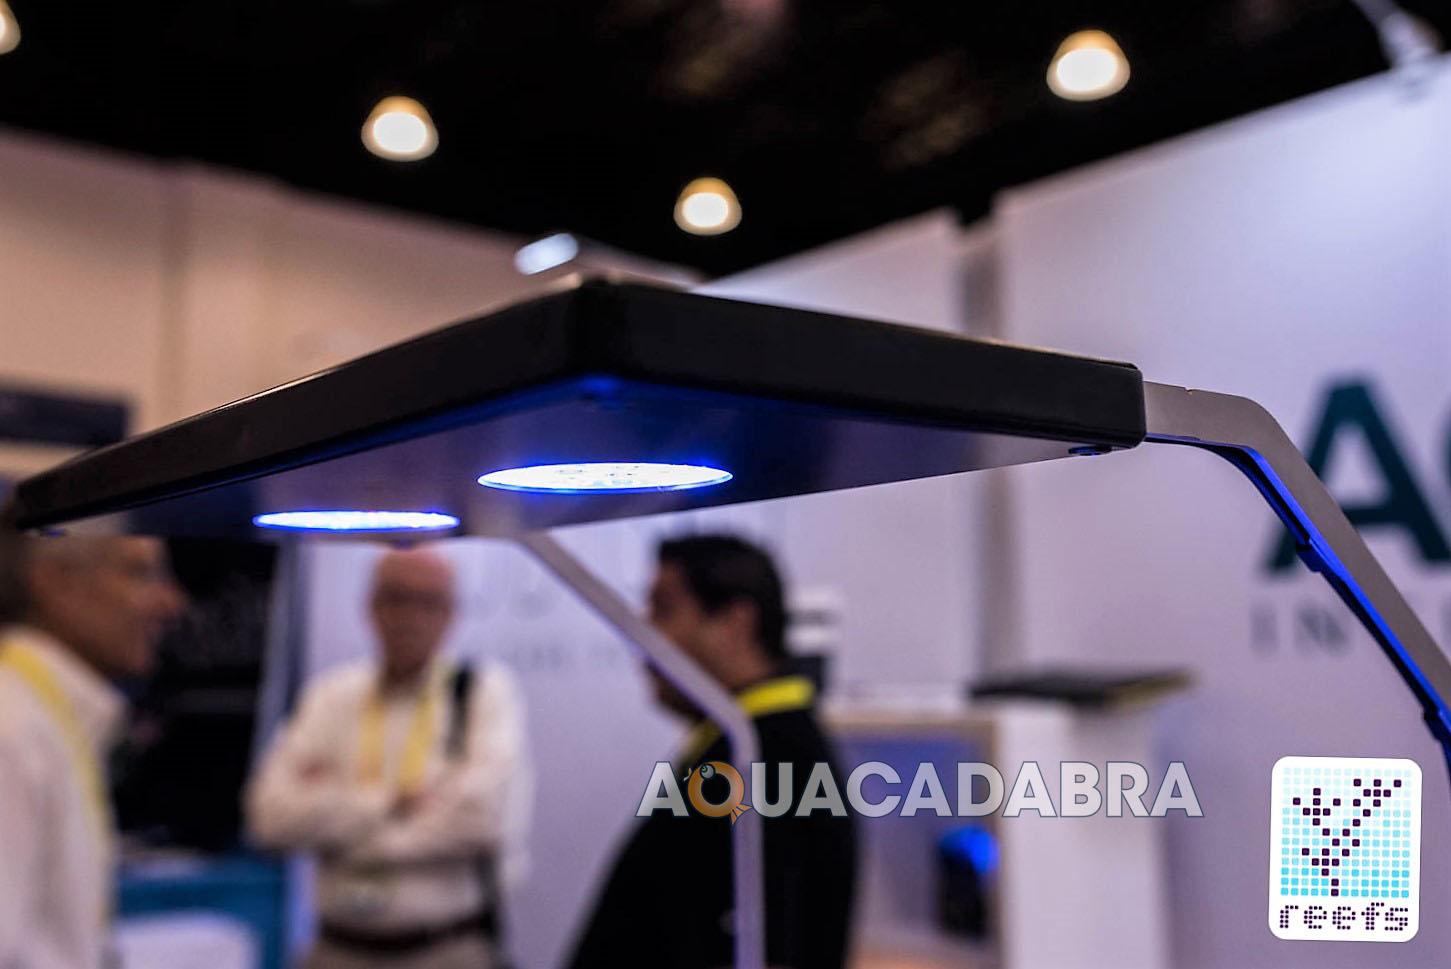 Plafoniere Led Wifi : Aqamai led light unit professional wifi reef aquarium cloud